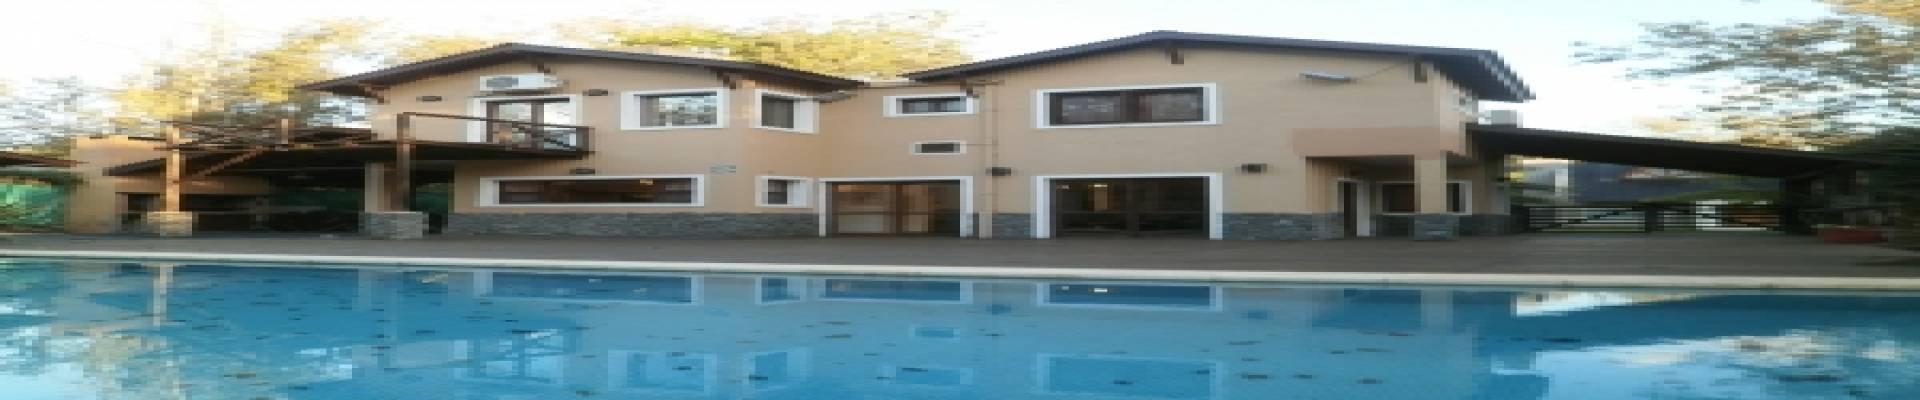 Santa Teresita,Buenos Aires,Argentina,3 Bedrooms Bedrooms,2 BathroomsBathrooms,Casas,Alamos de primavera ,7662